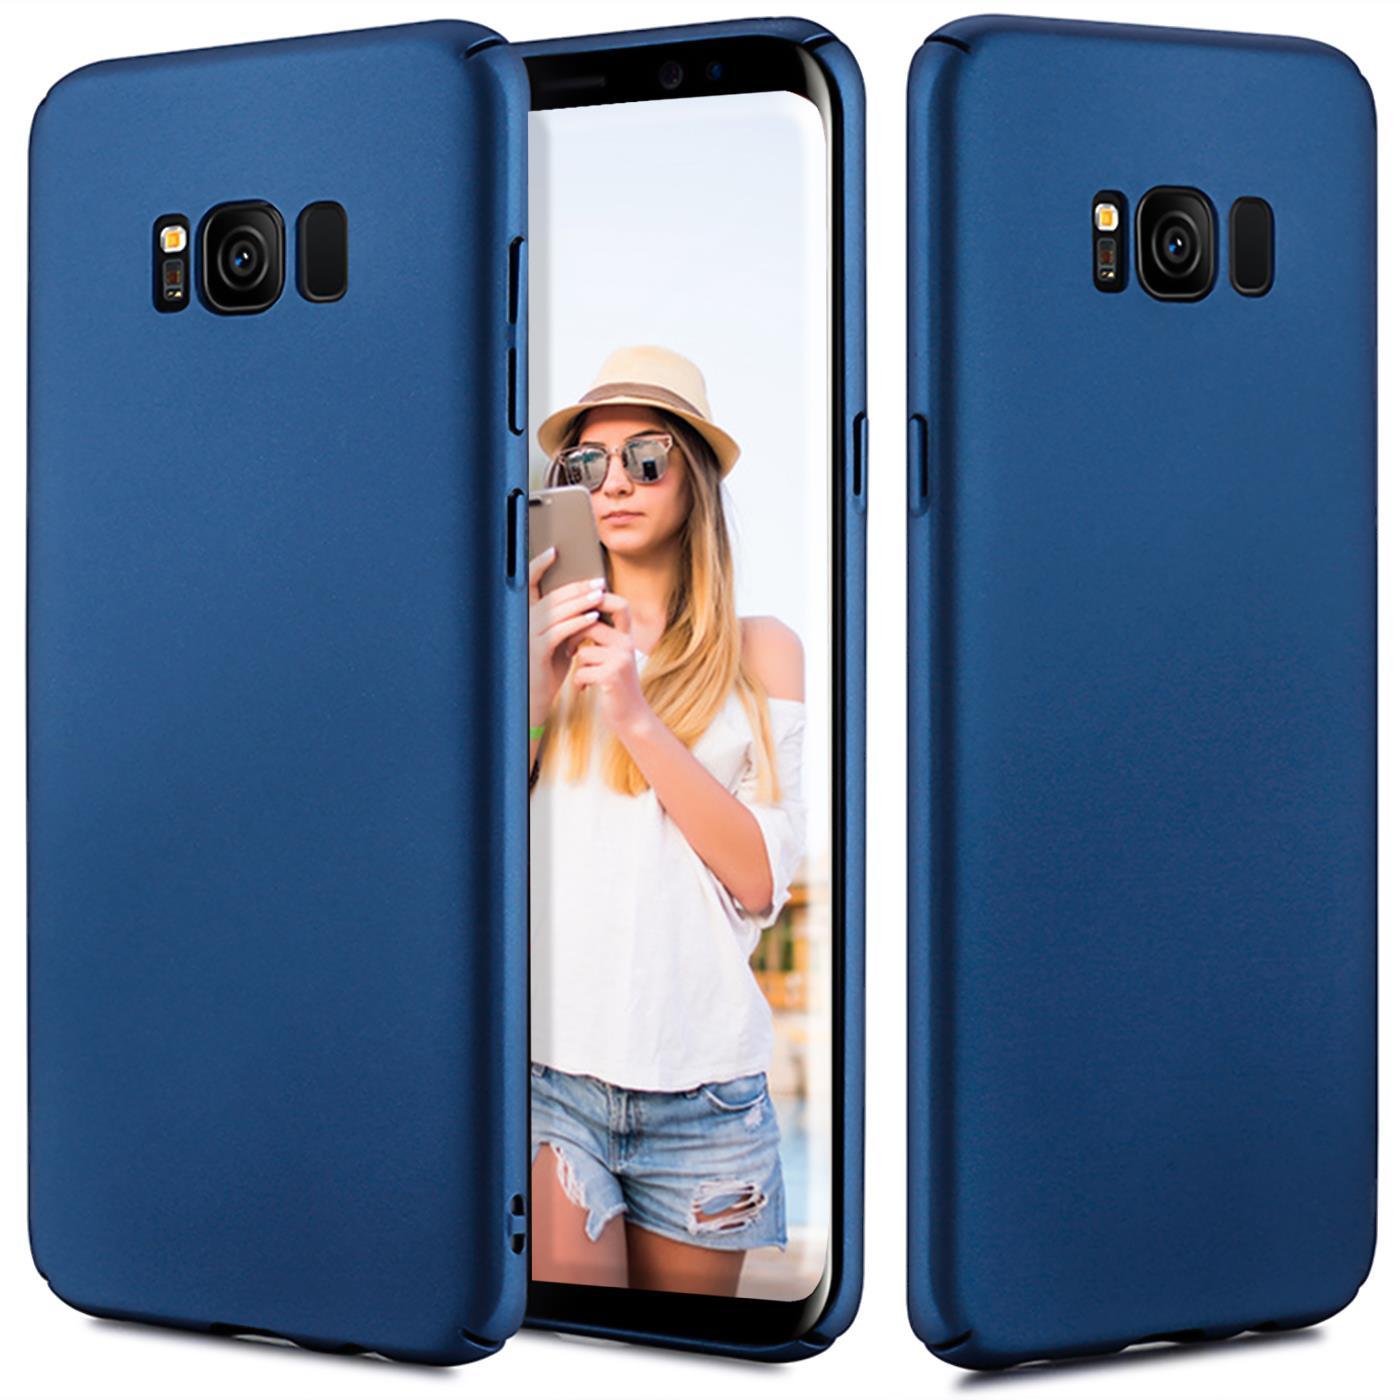 Handy-Case-Samsung-Galaxy-Huelle-Hardcase-Schutz-Cover-Slim-Tasche-Handyhuelle